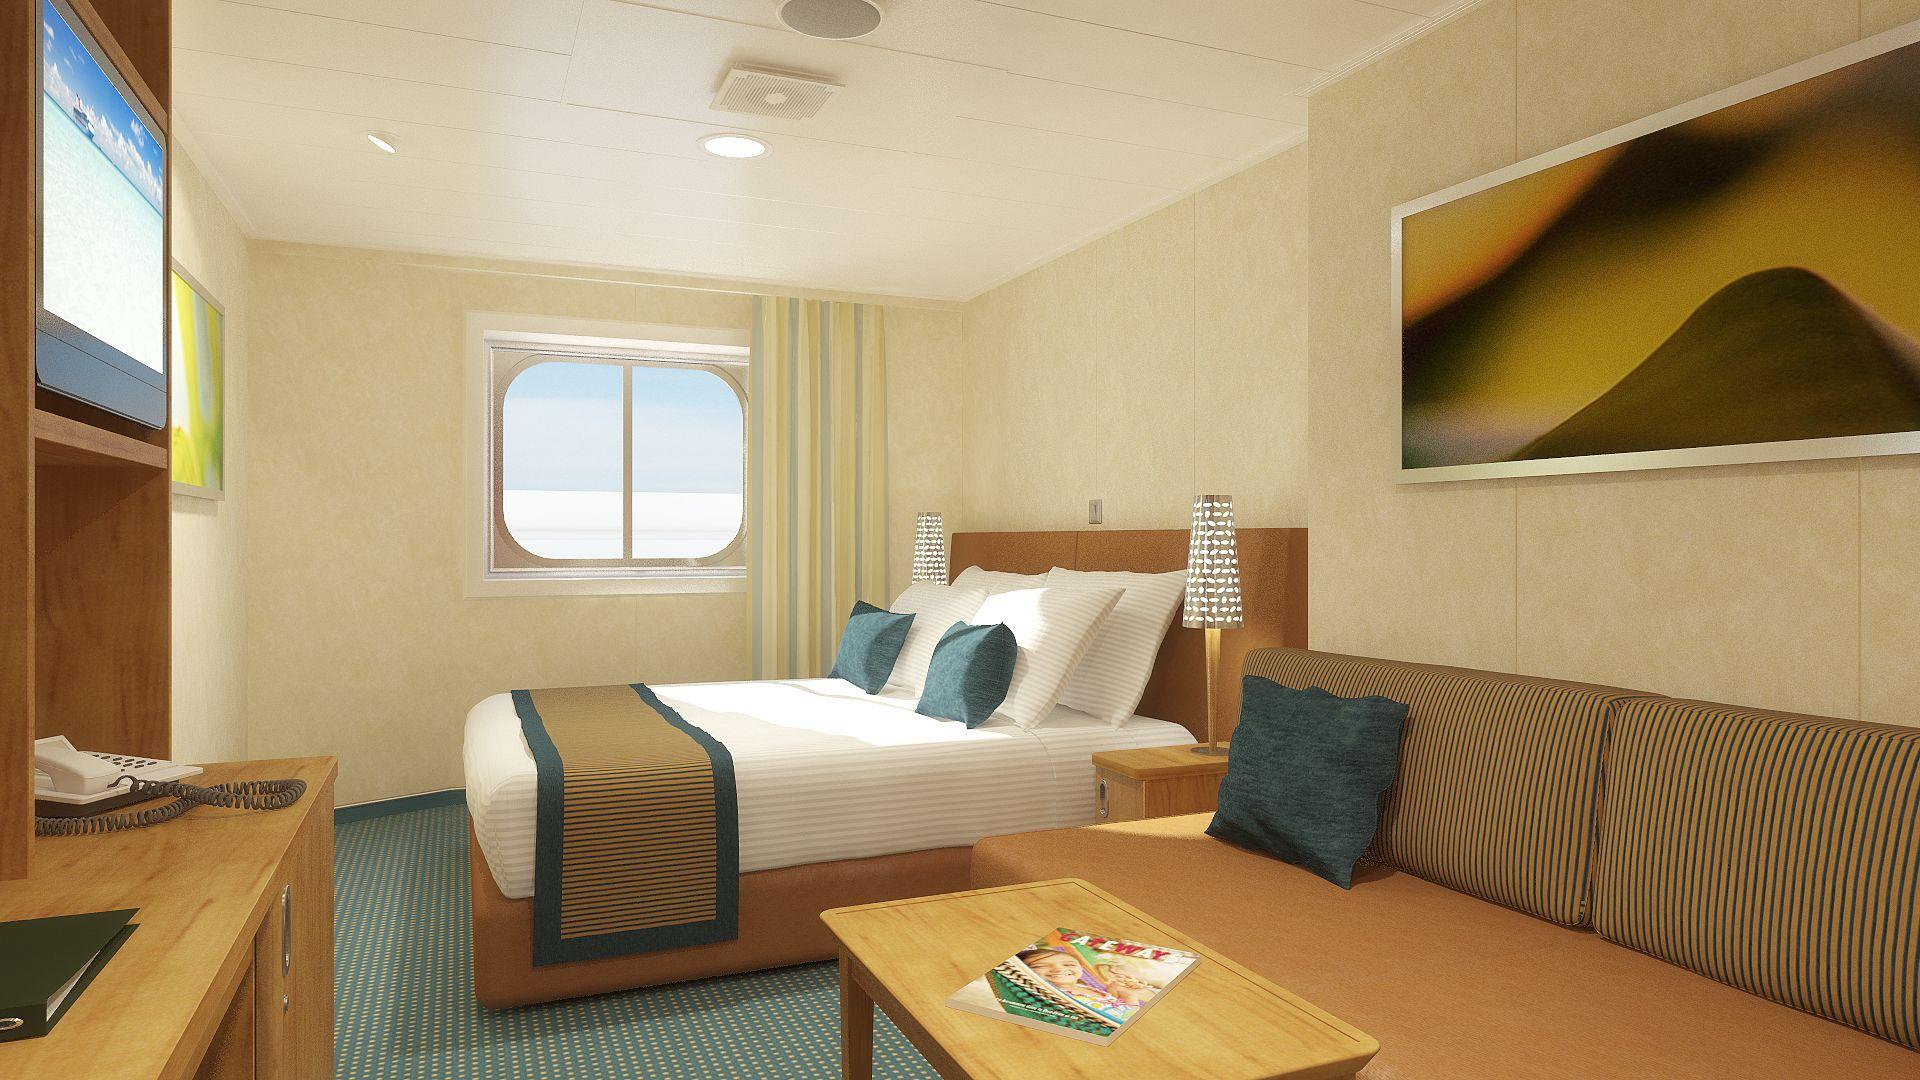 Camarote Exterior (com janela) a bordo do Carnival Breeze